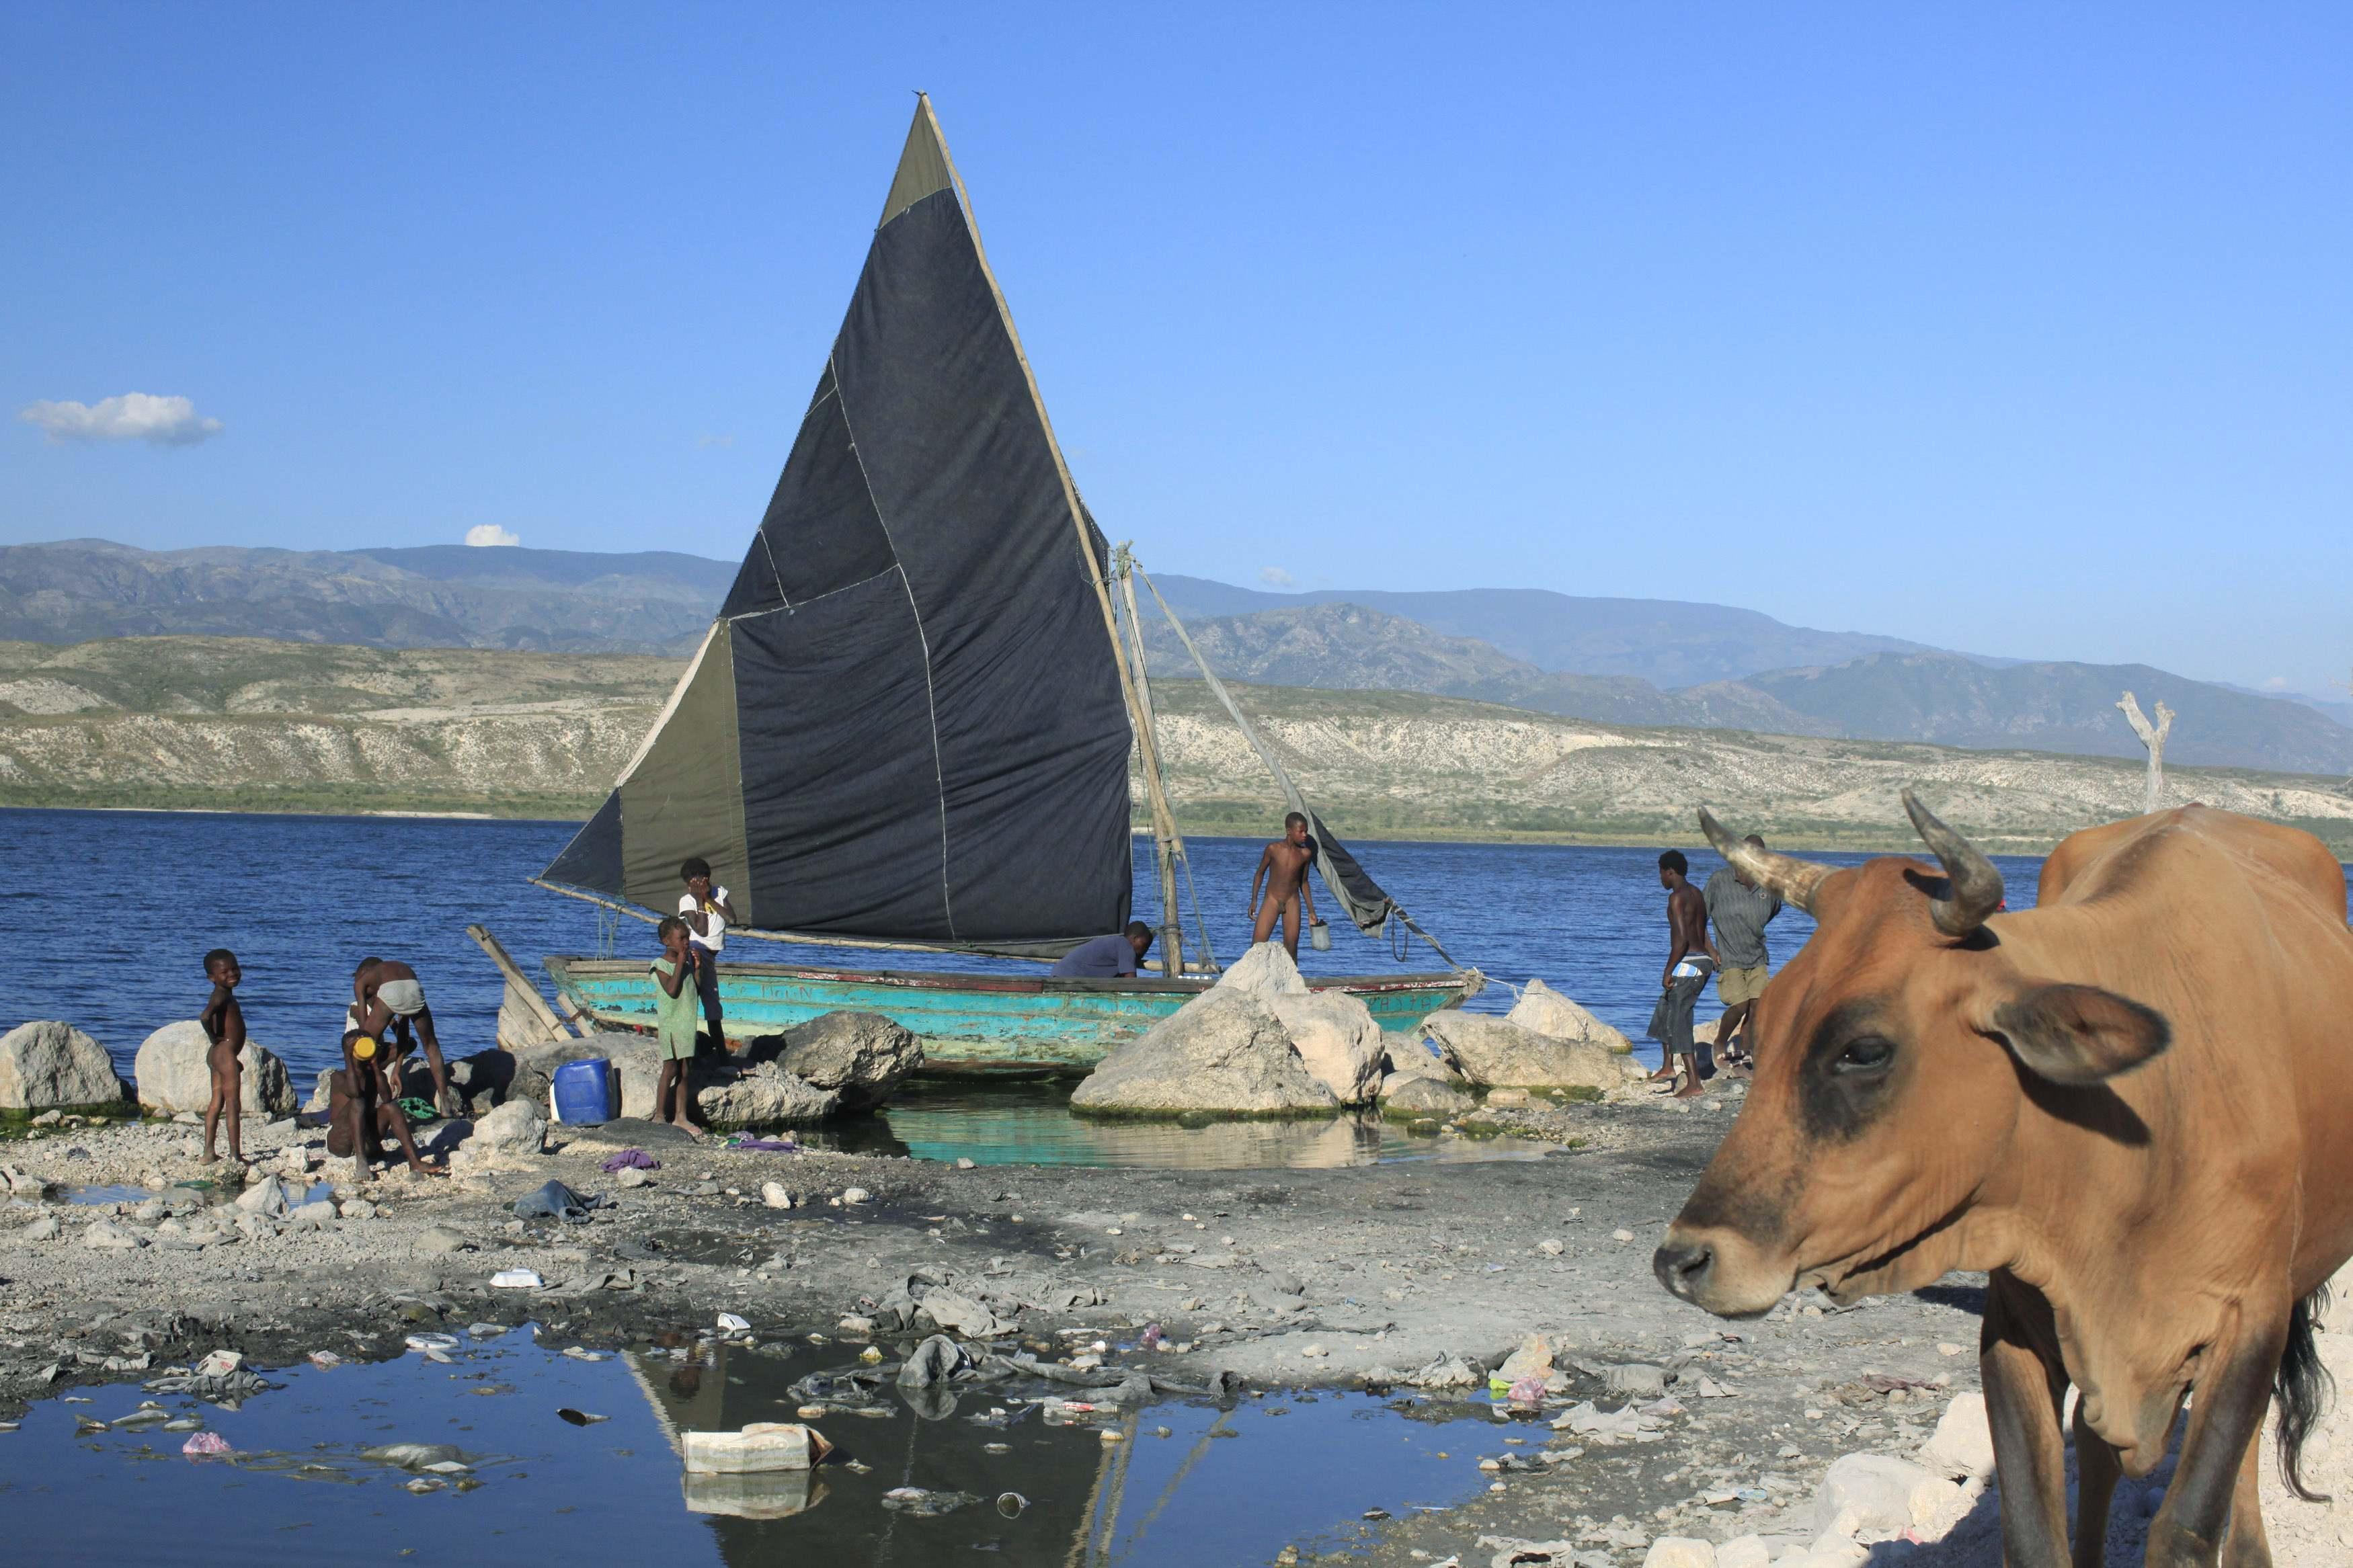 Από την Αϊτη πριν ισοπεδωθεί από τον σεισμό των 7 Ρίχτερ ΦΩΤΟ REUTERS